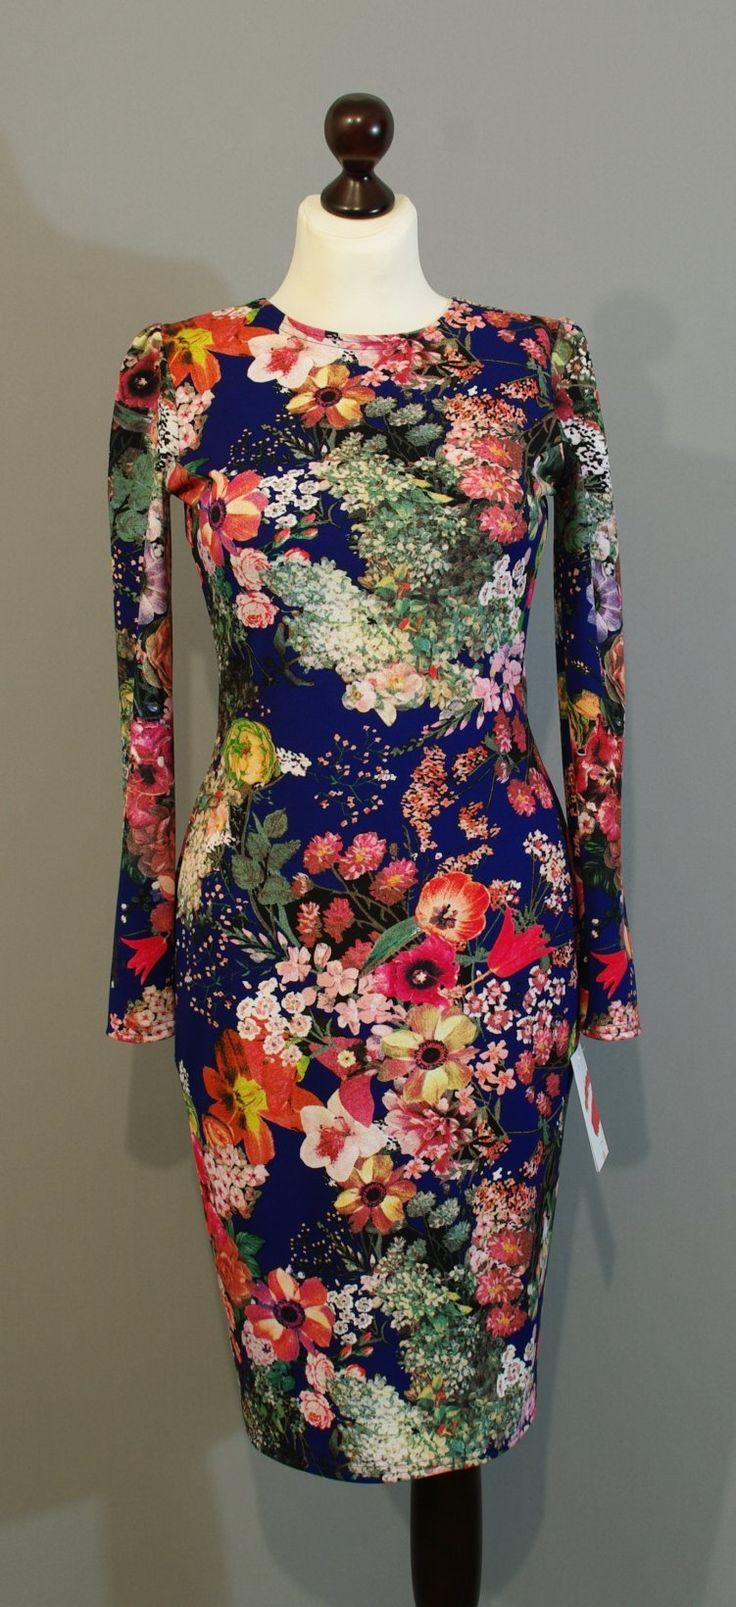 Синее платье-карандаш с цветами купить на сайте Платье-терапия (45)